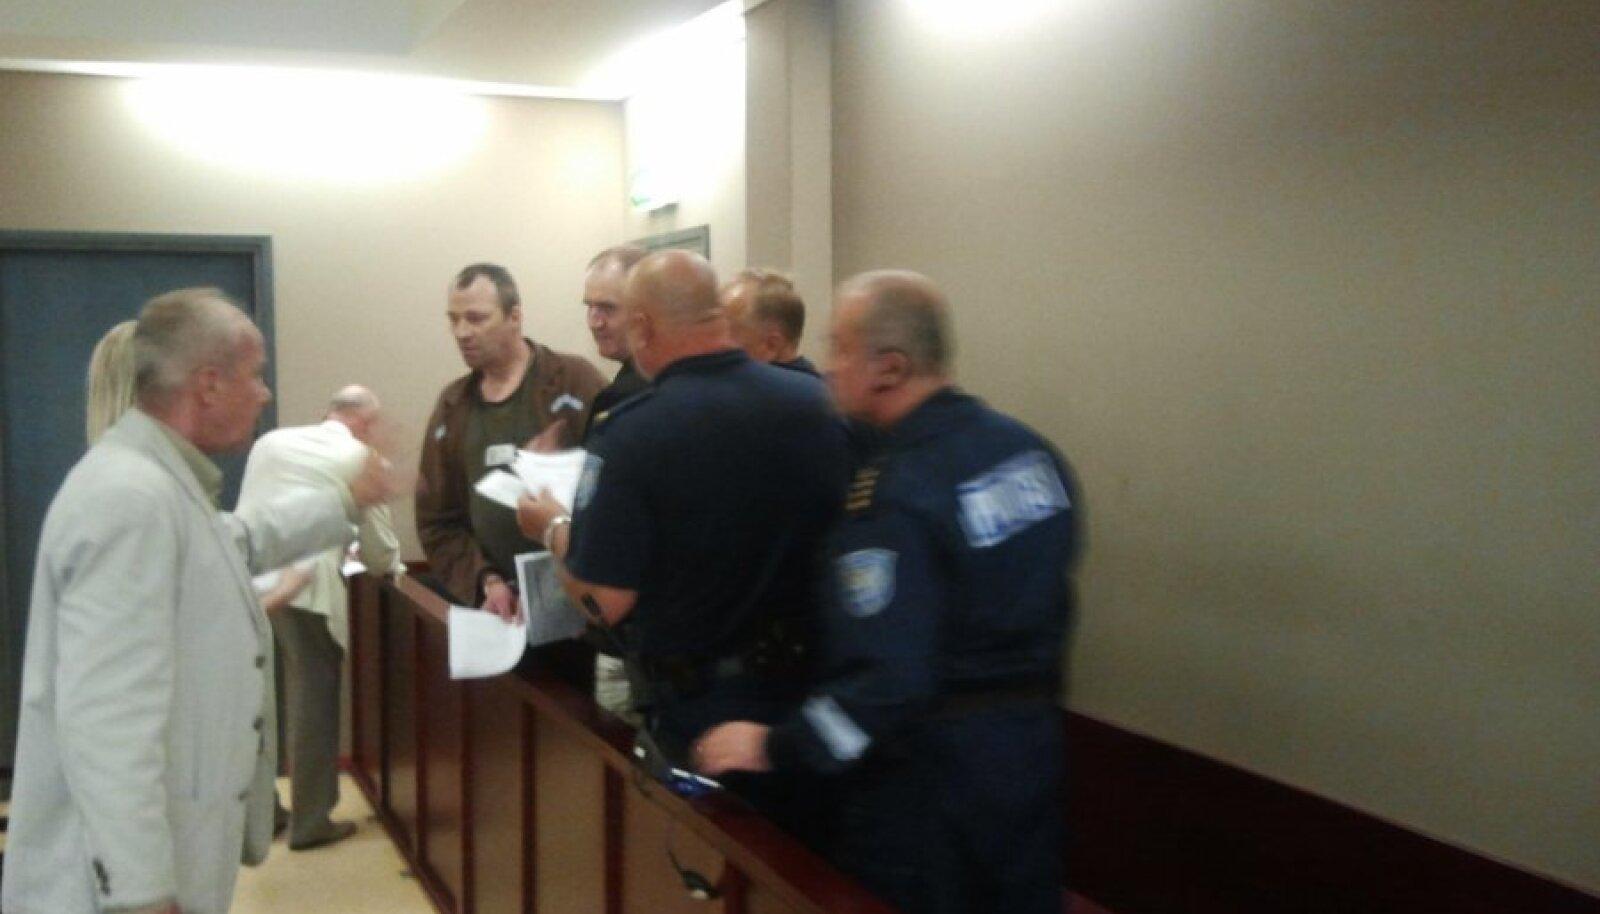 Meeste süüdimõistmine eelmisel nädalal Tartu kohtumajas. Tõkke taga on süüalused ja politseinikud, tõkke ees süüaluste kaitsjad.